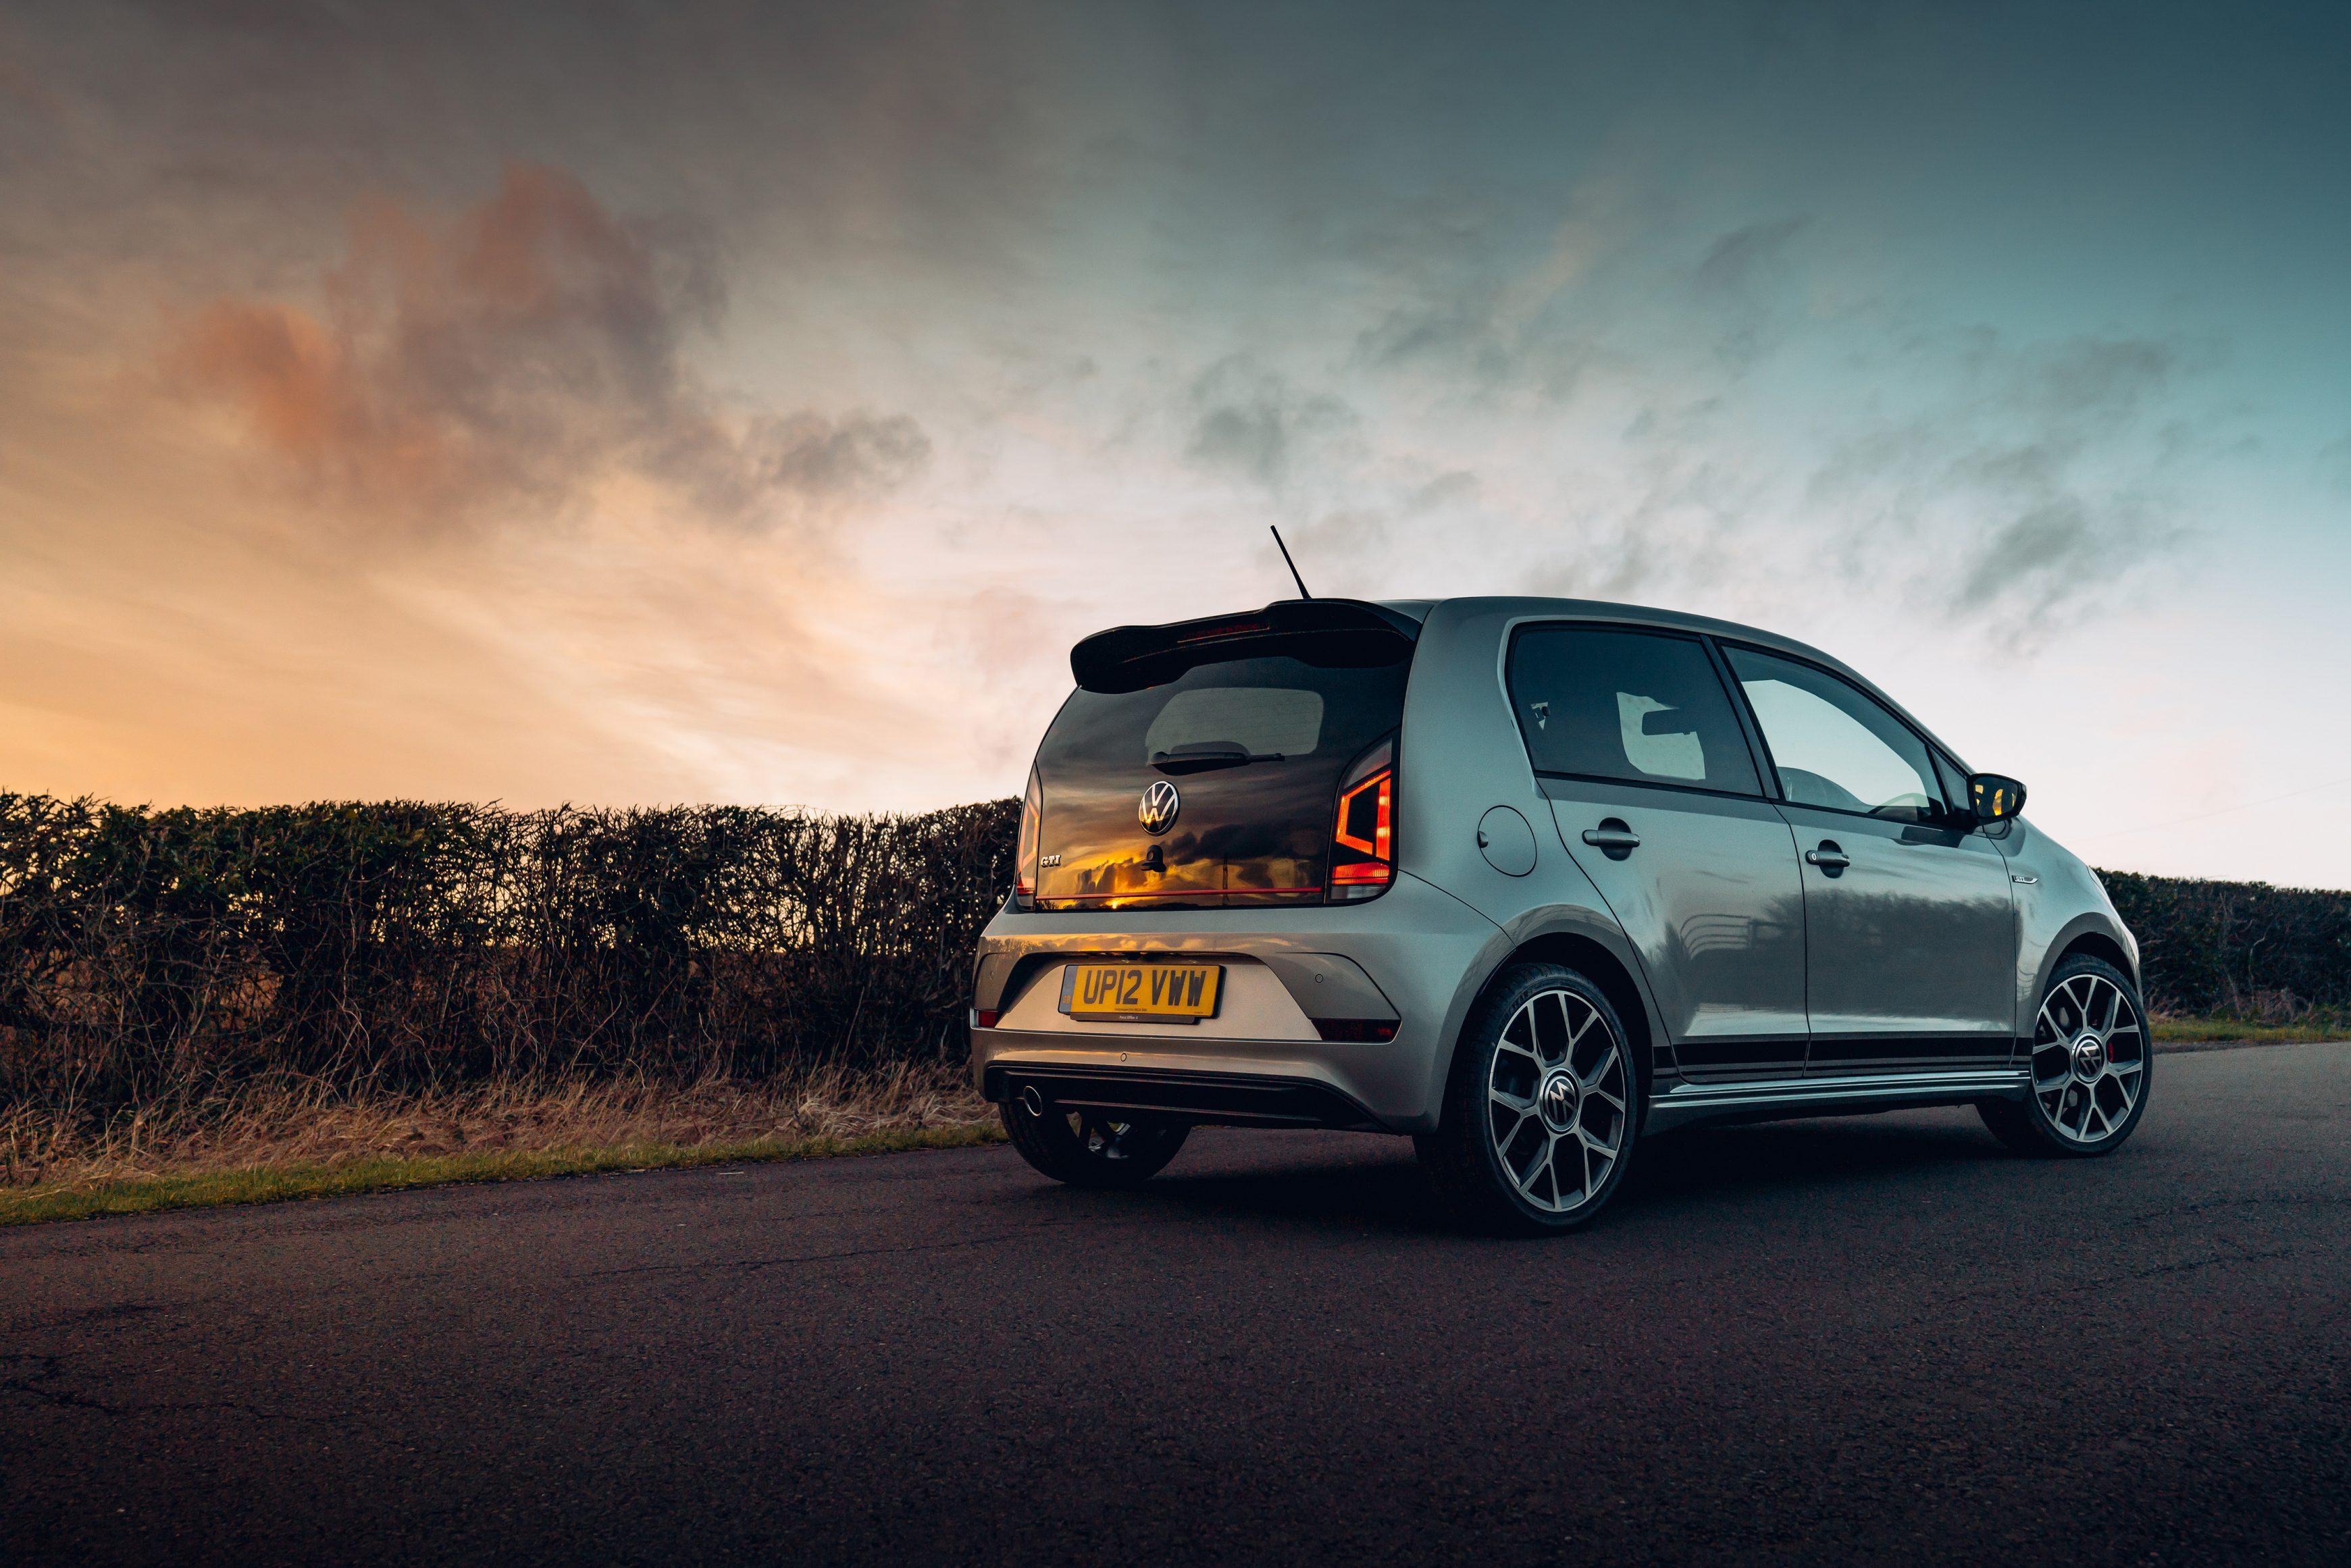 Best city cars UK - Volkswagen up! GTI rear-side shot